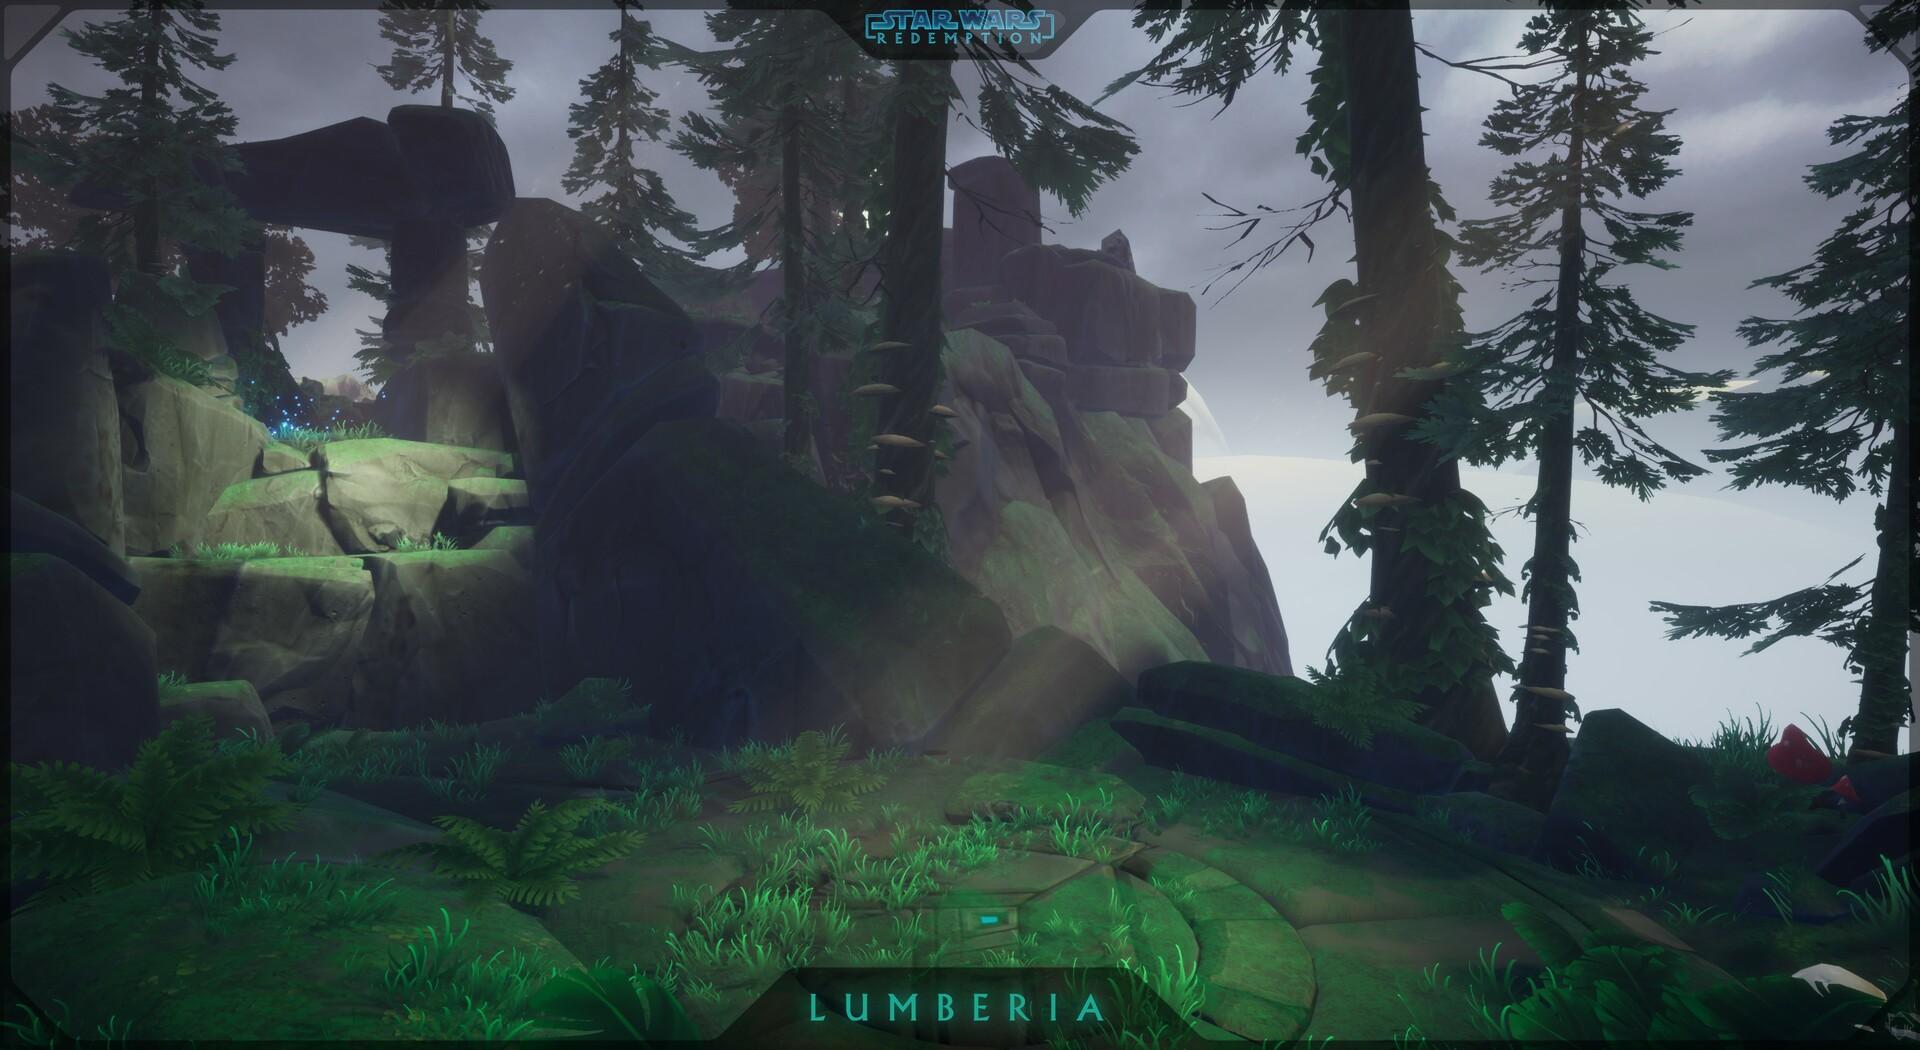 Etienne beschet swr screenshot lumberia temple 02